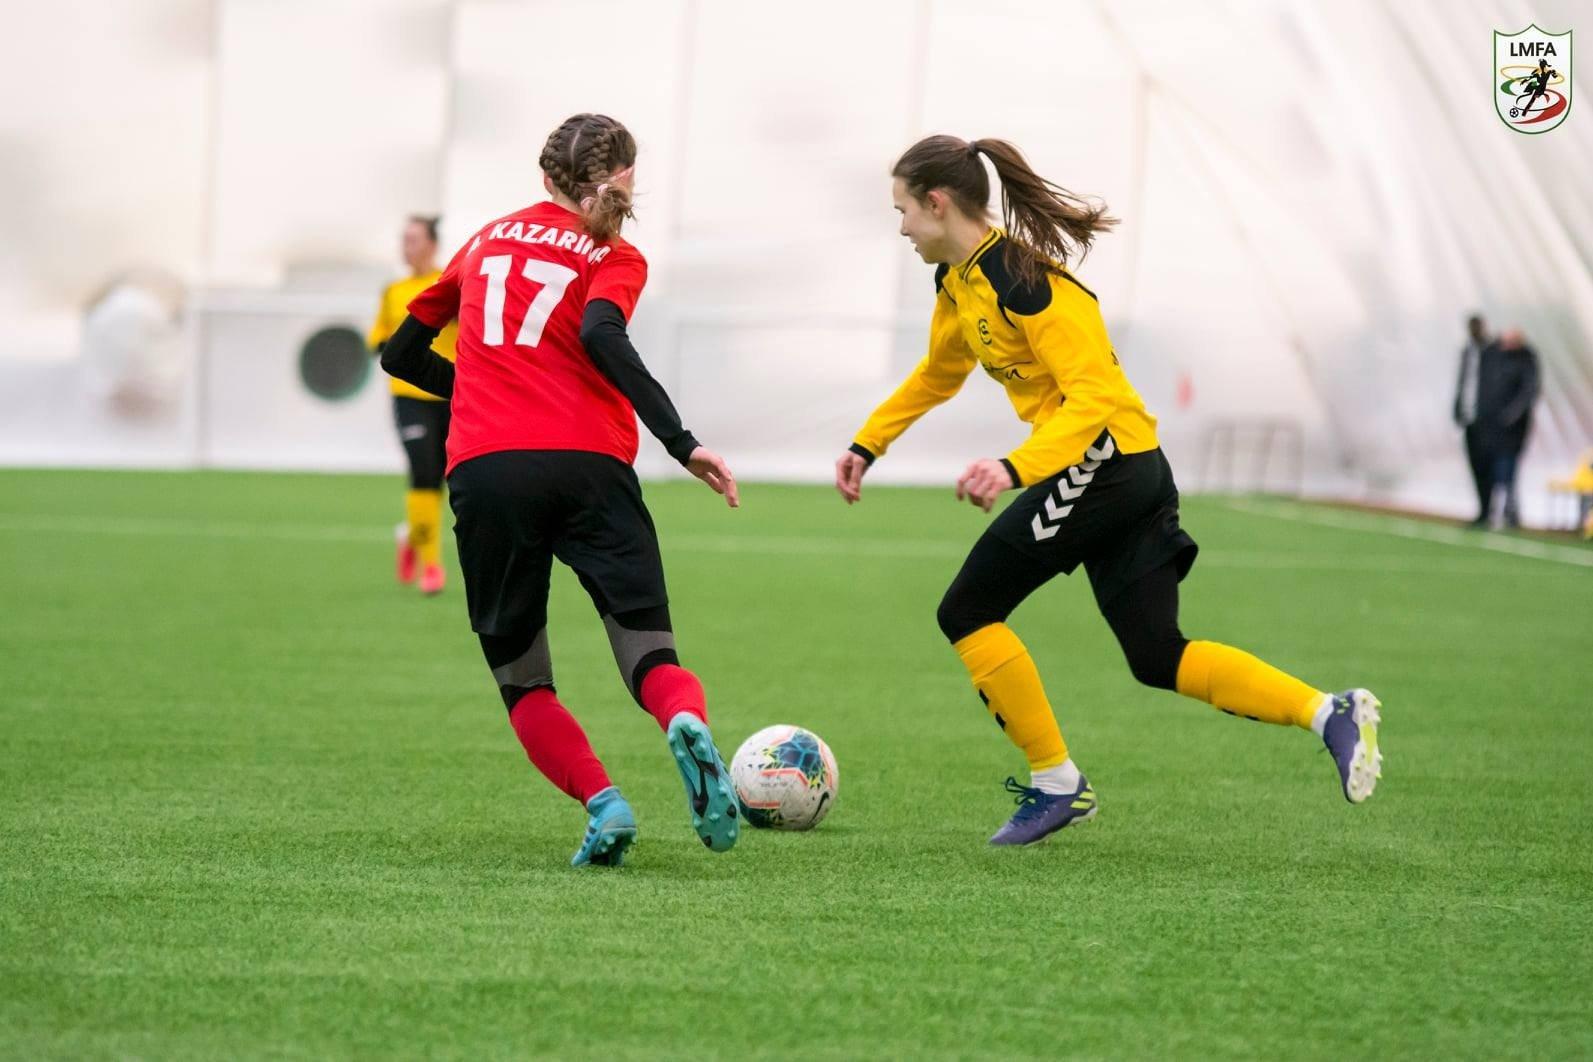 Į komandą sugrįžusi Simona Veličkaitė: didžiausią įtaką padarė didelis noras žaisti futbolą